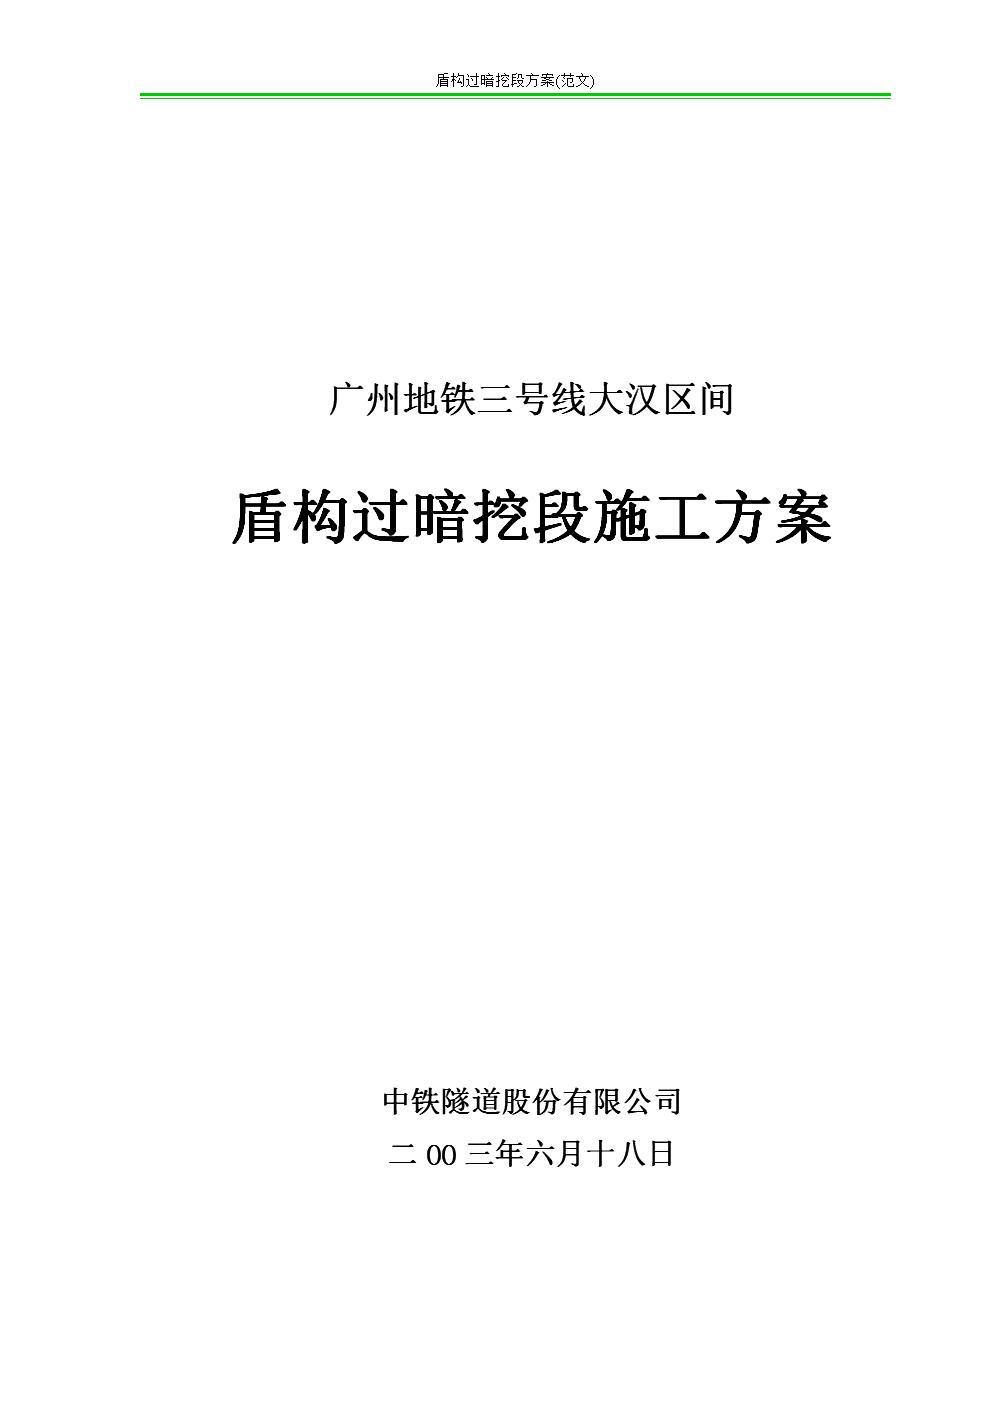 盾构过暗挖段方案(范文).doc